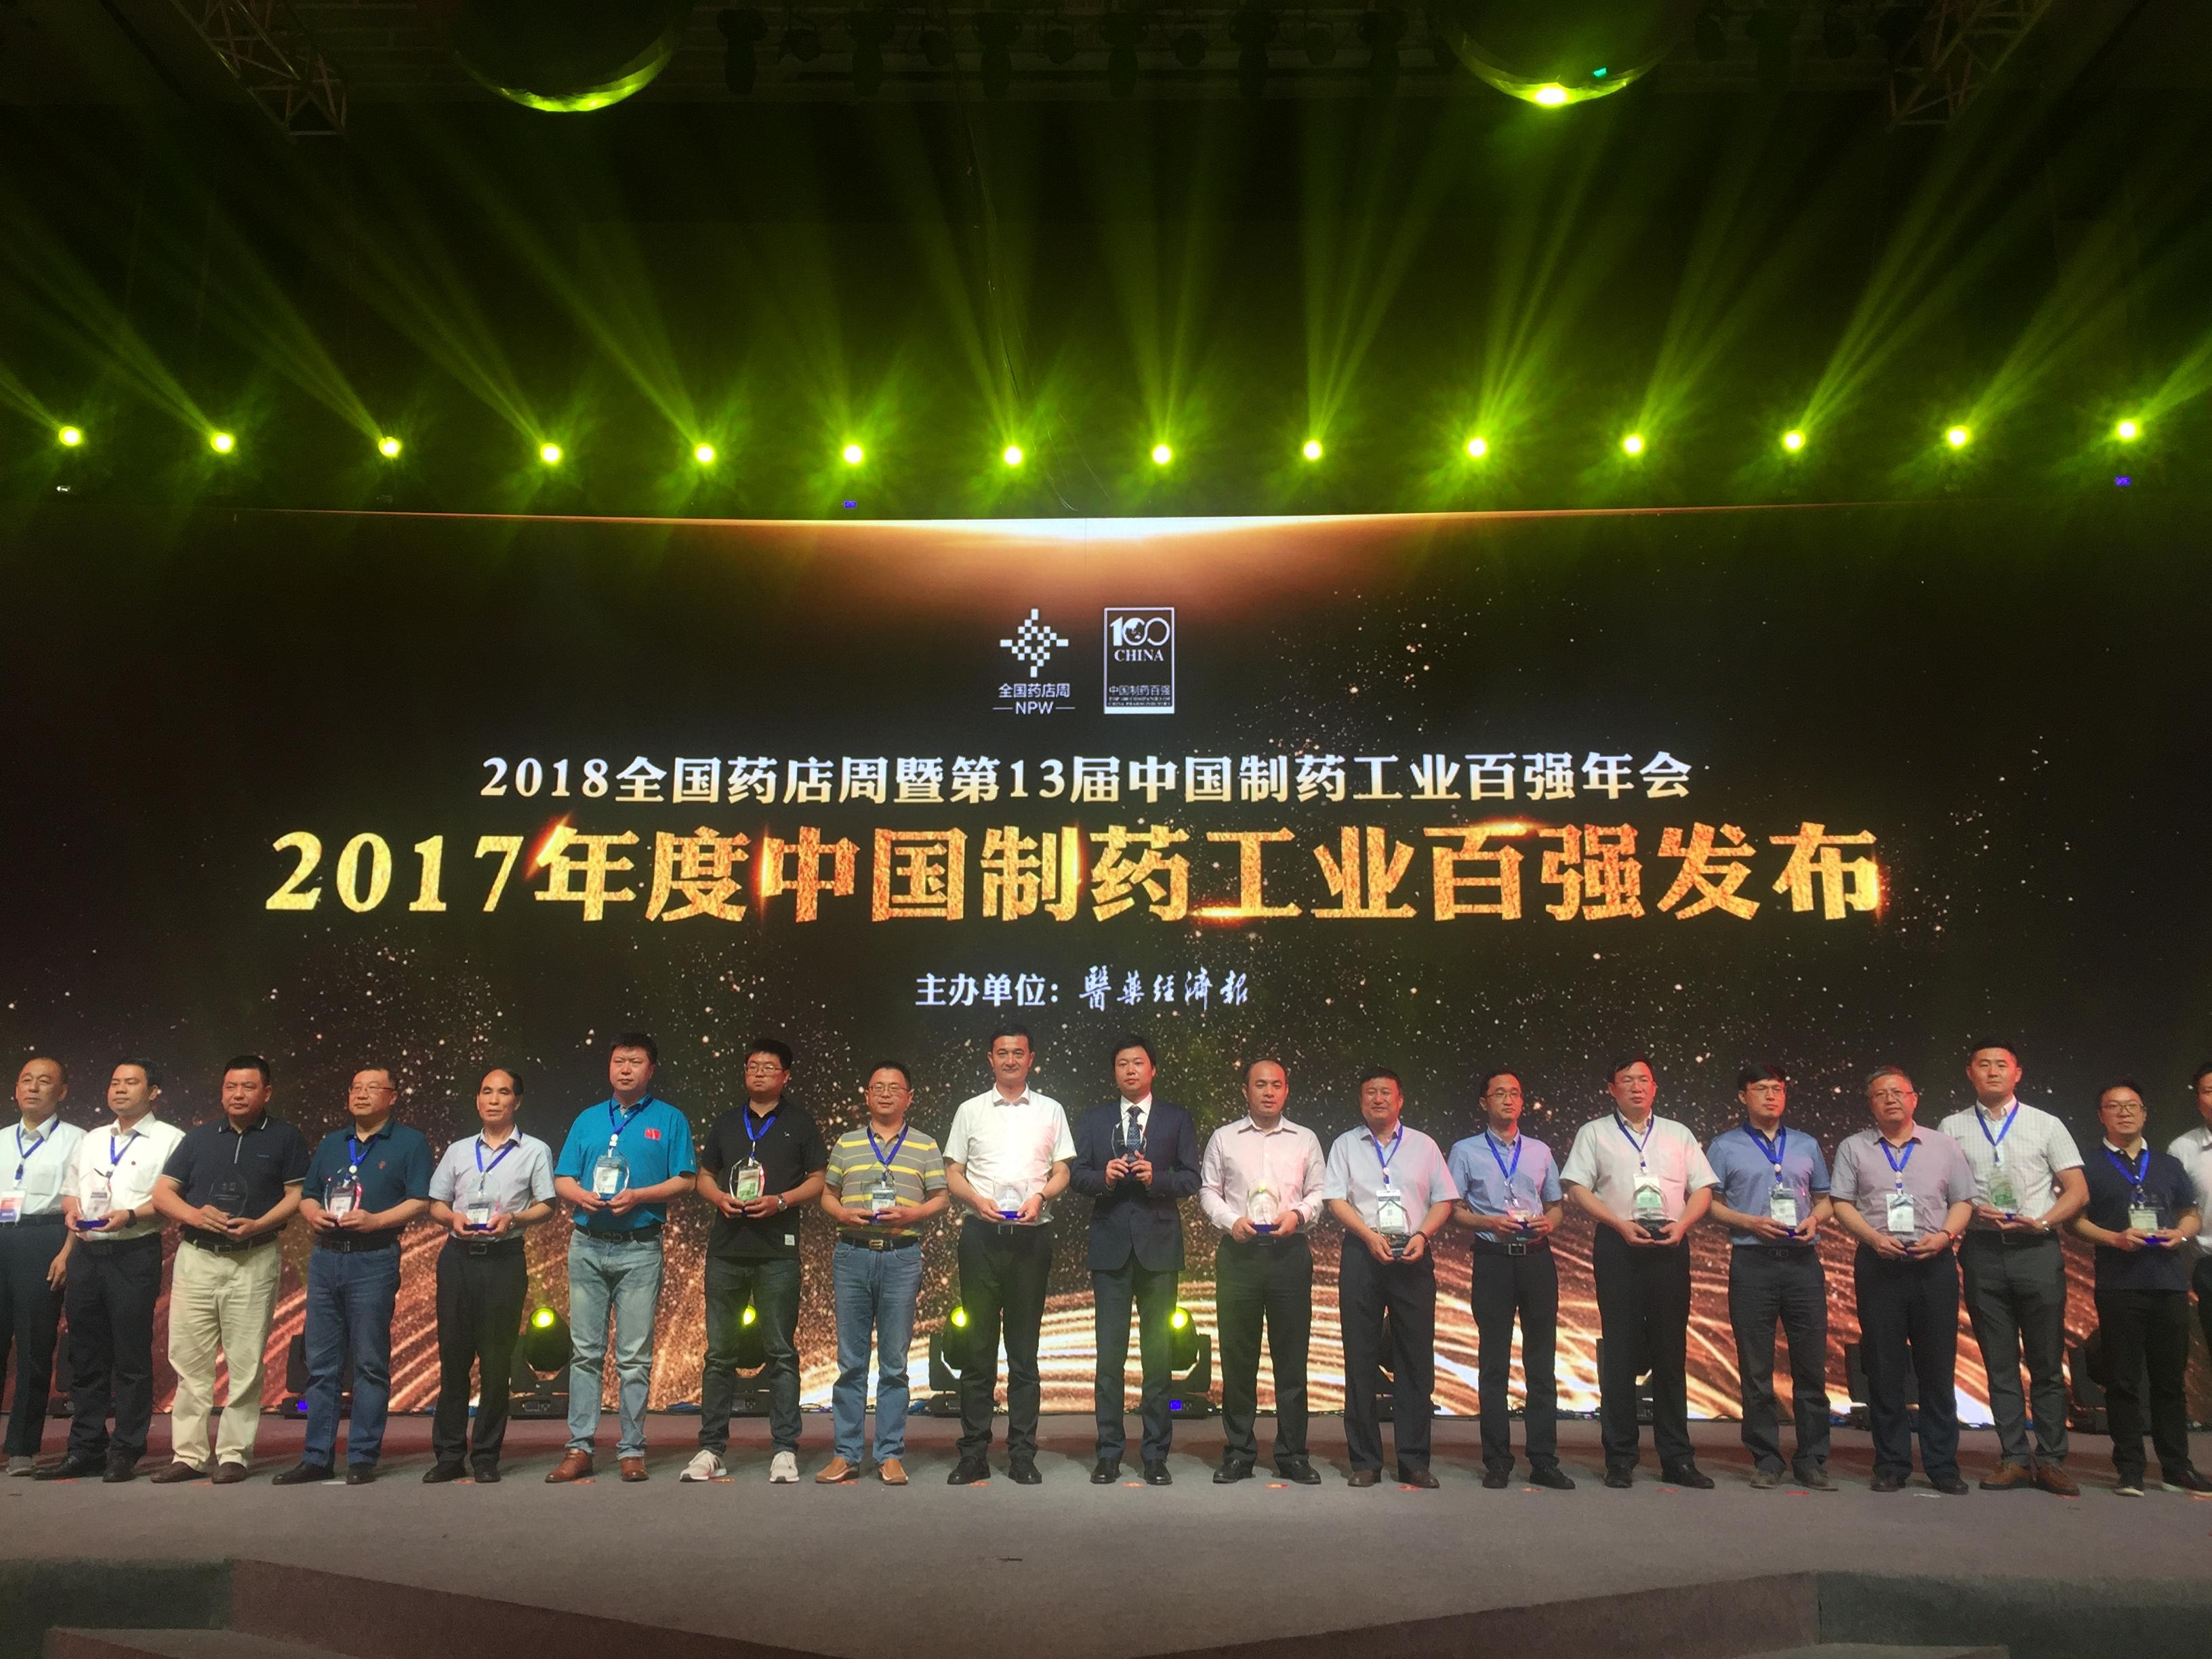 【重磅榜单】跃升至42名!李时珍医药集团再次荣膺中国制药工业百强